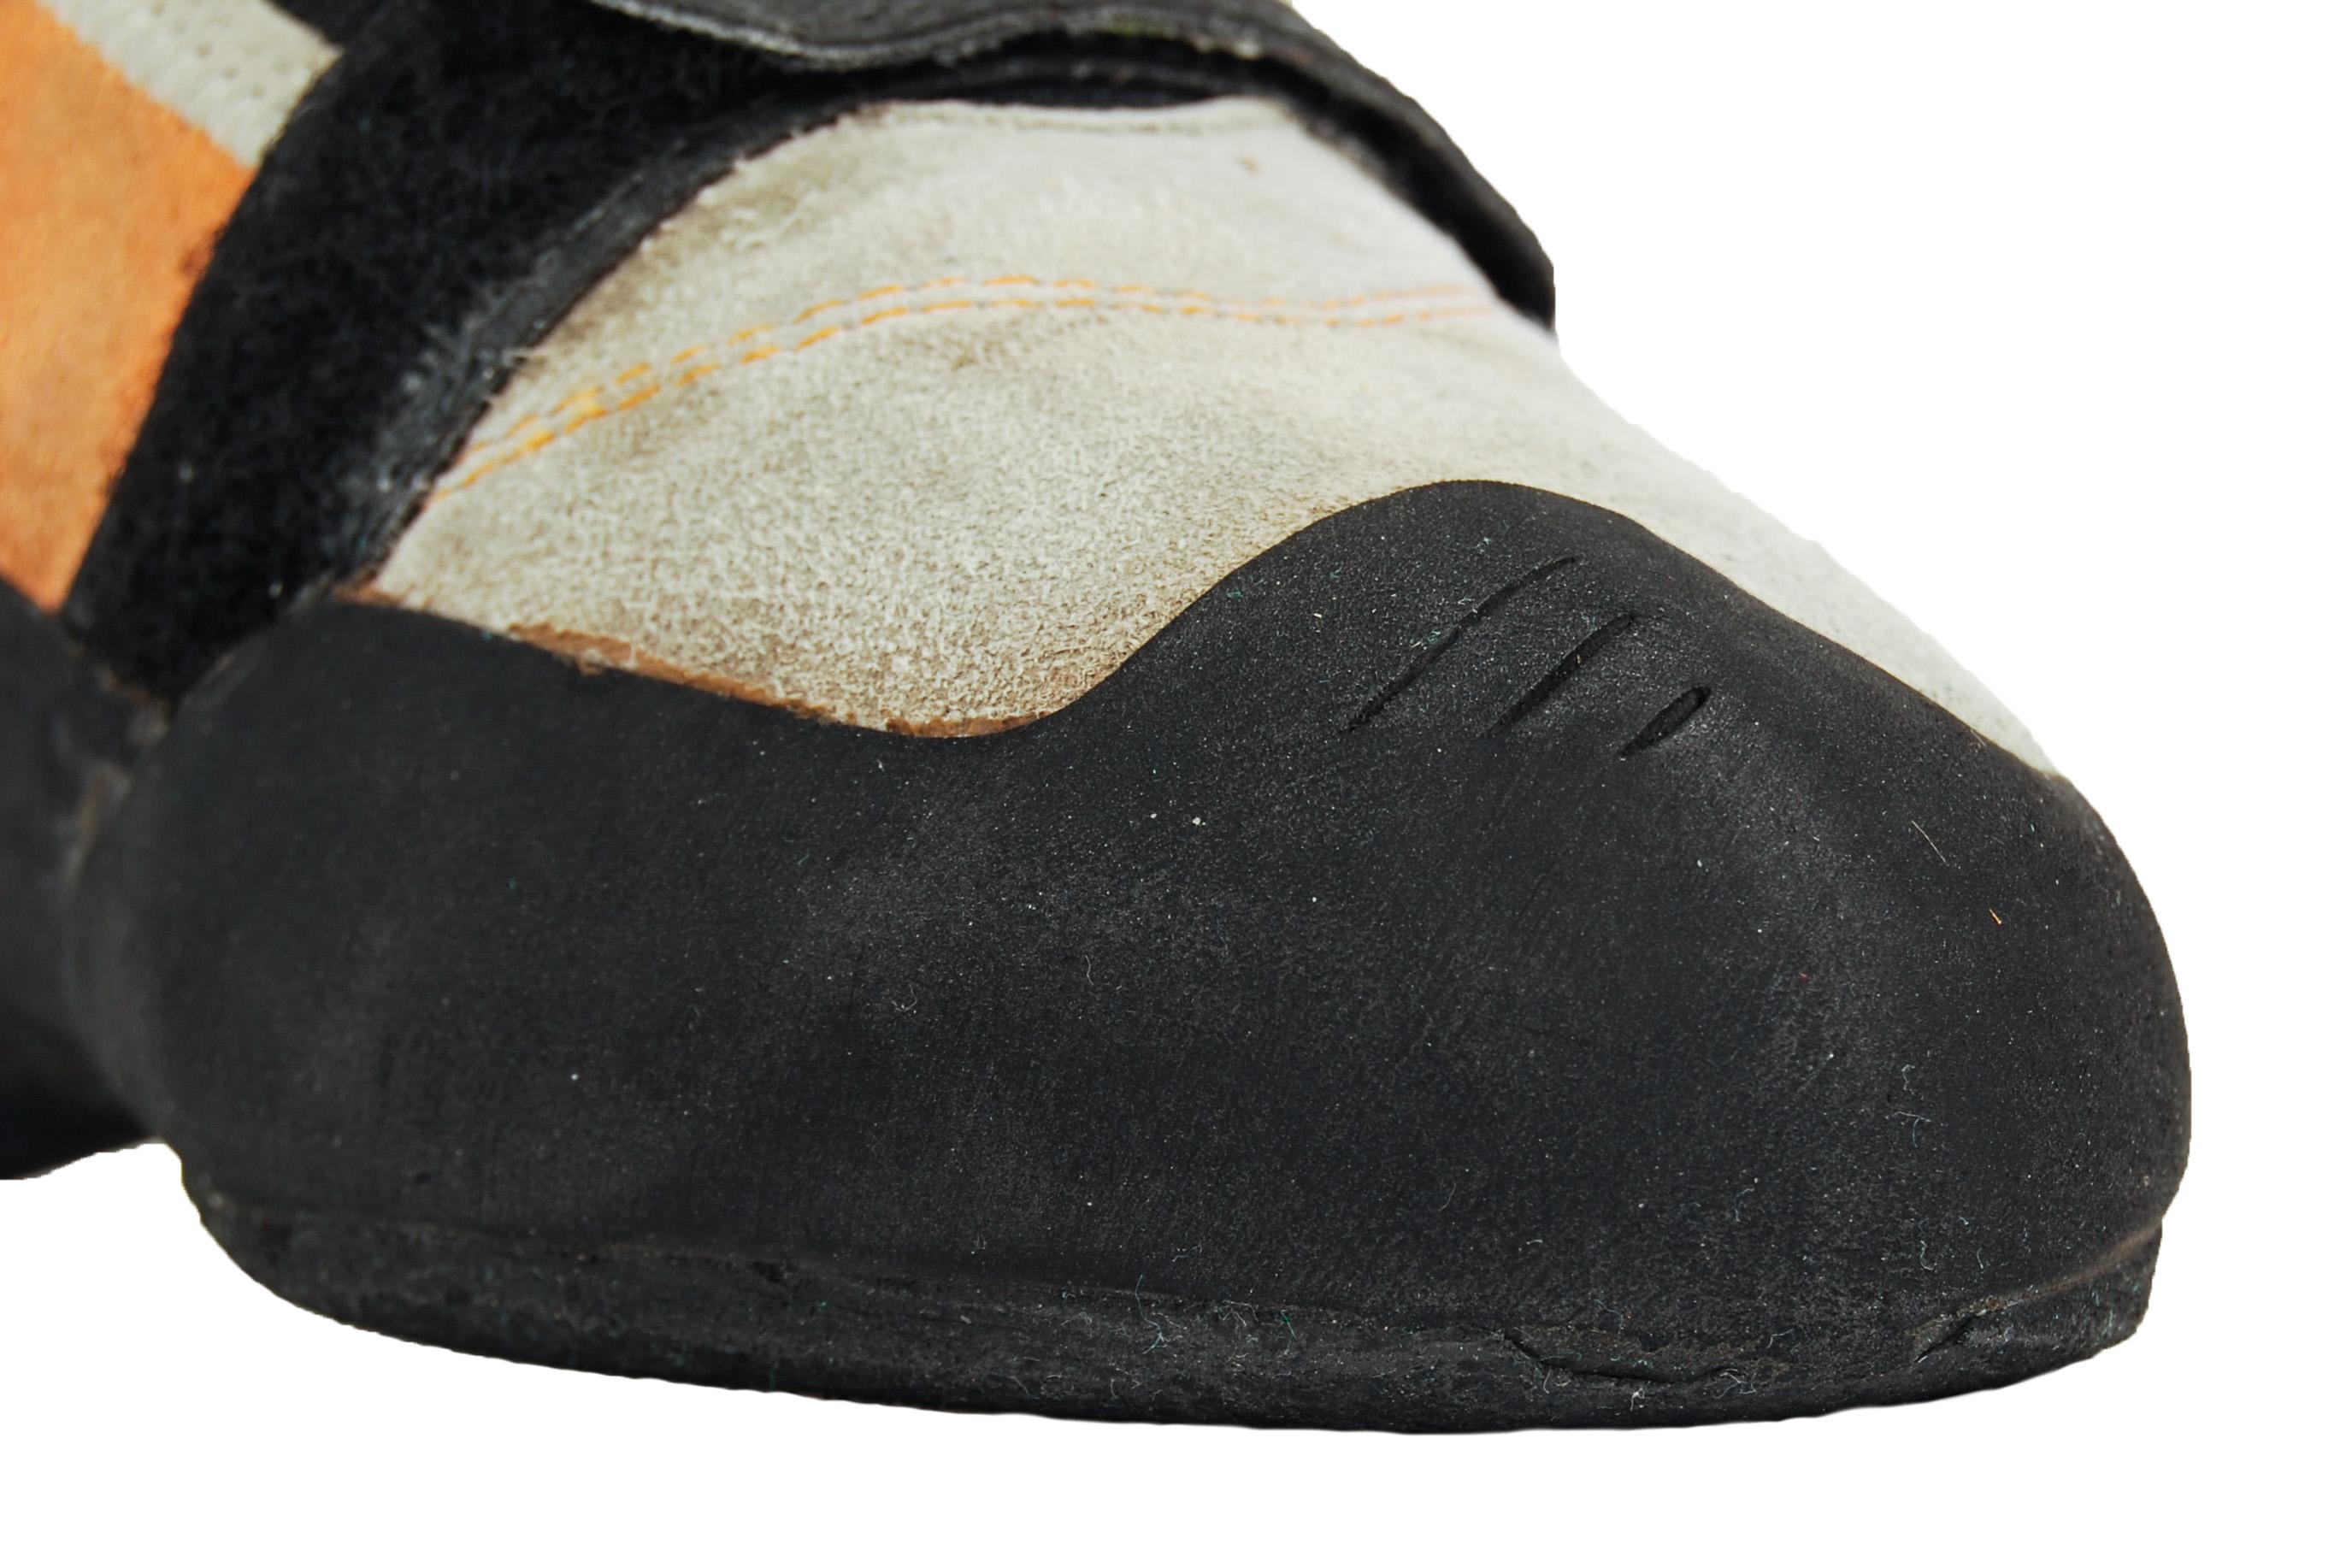 Repair Hole In Shoe Upper